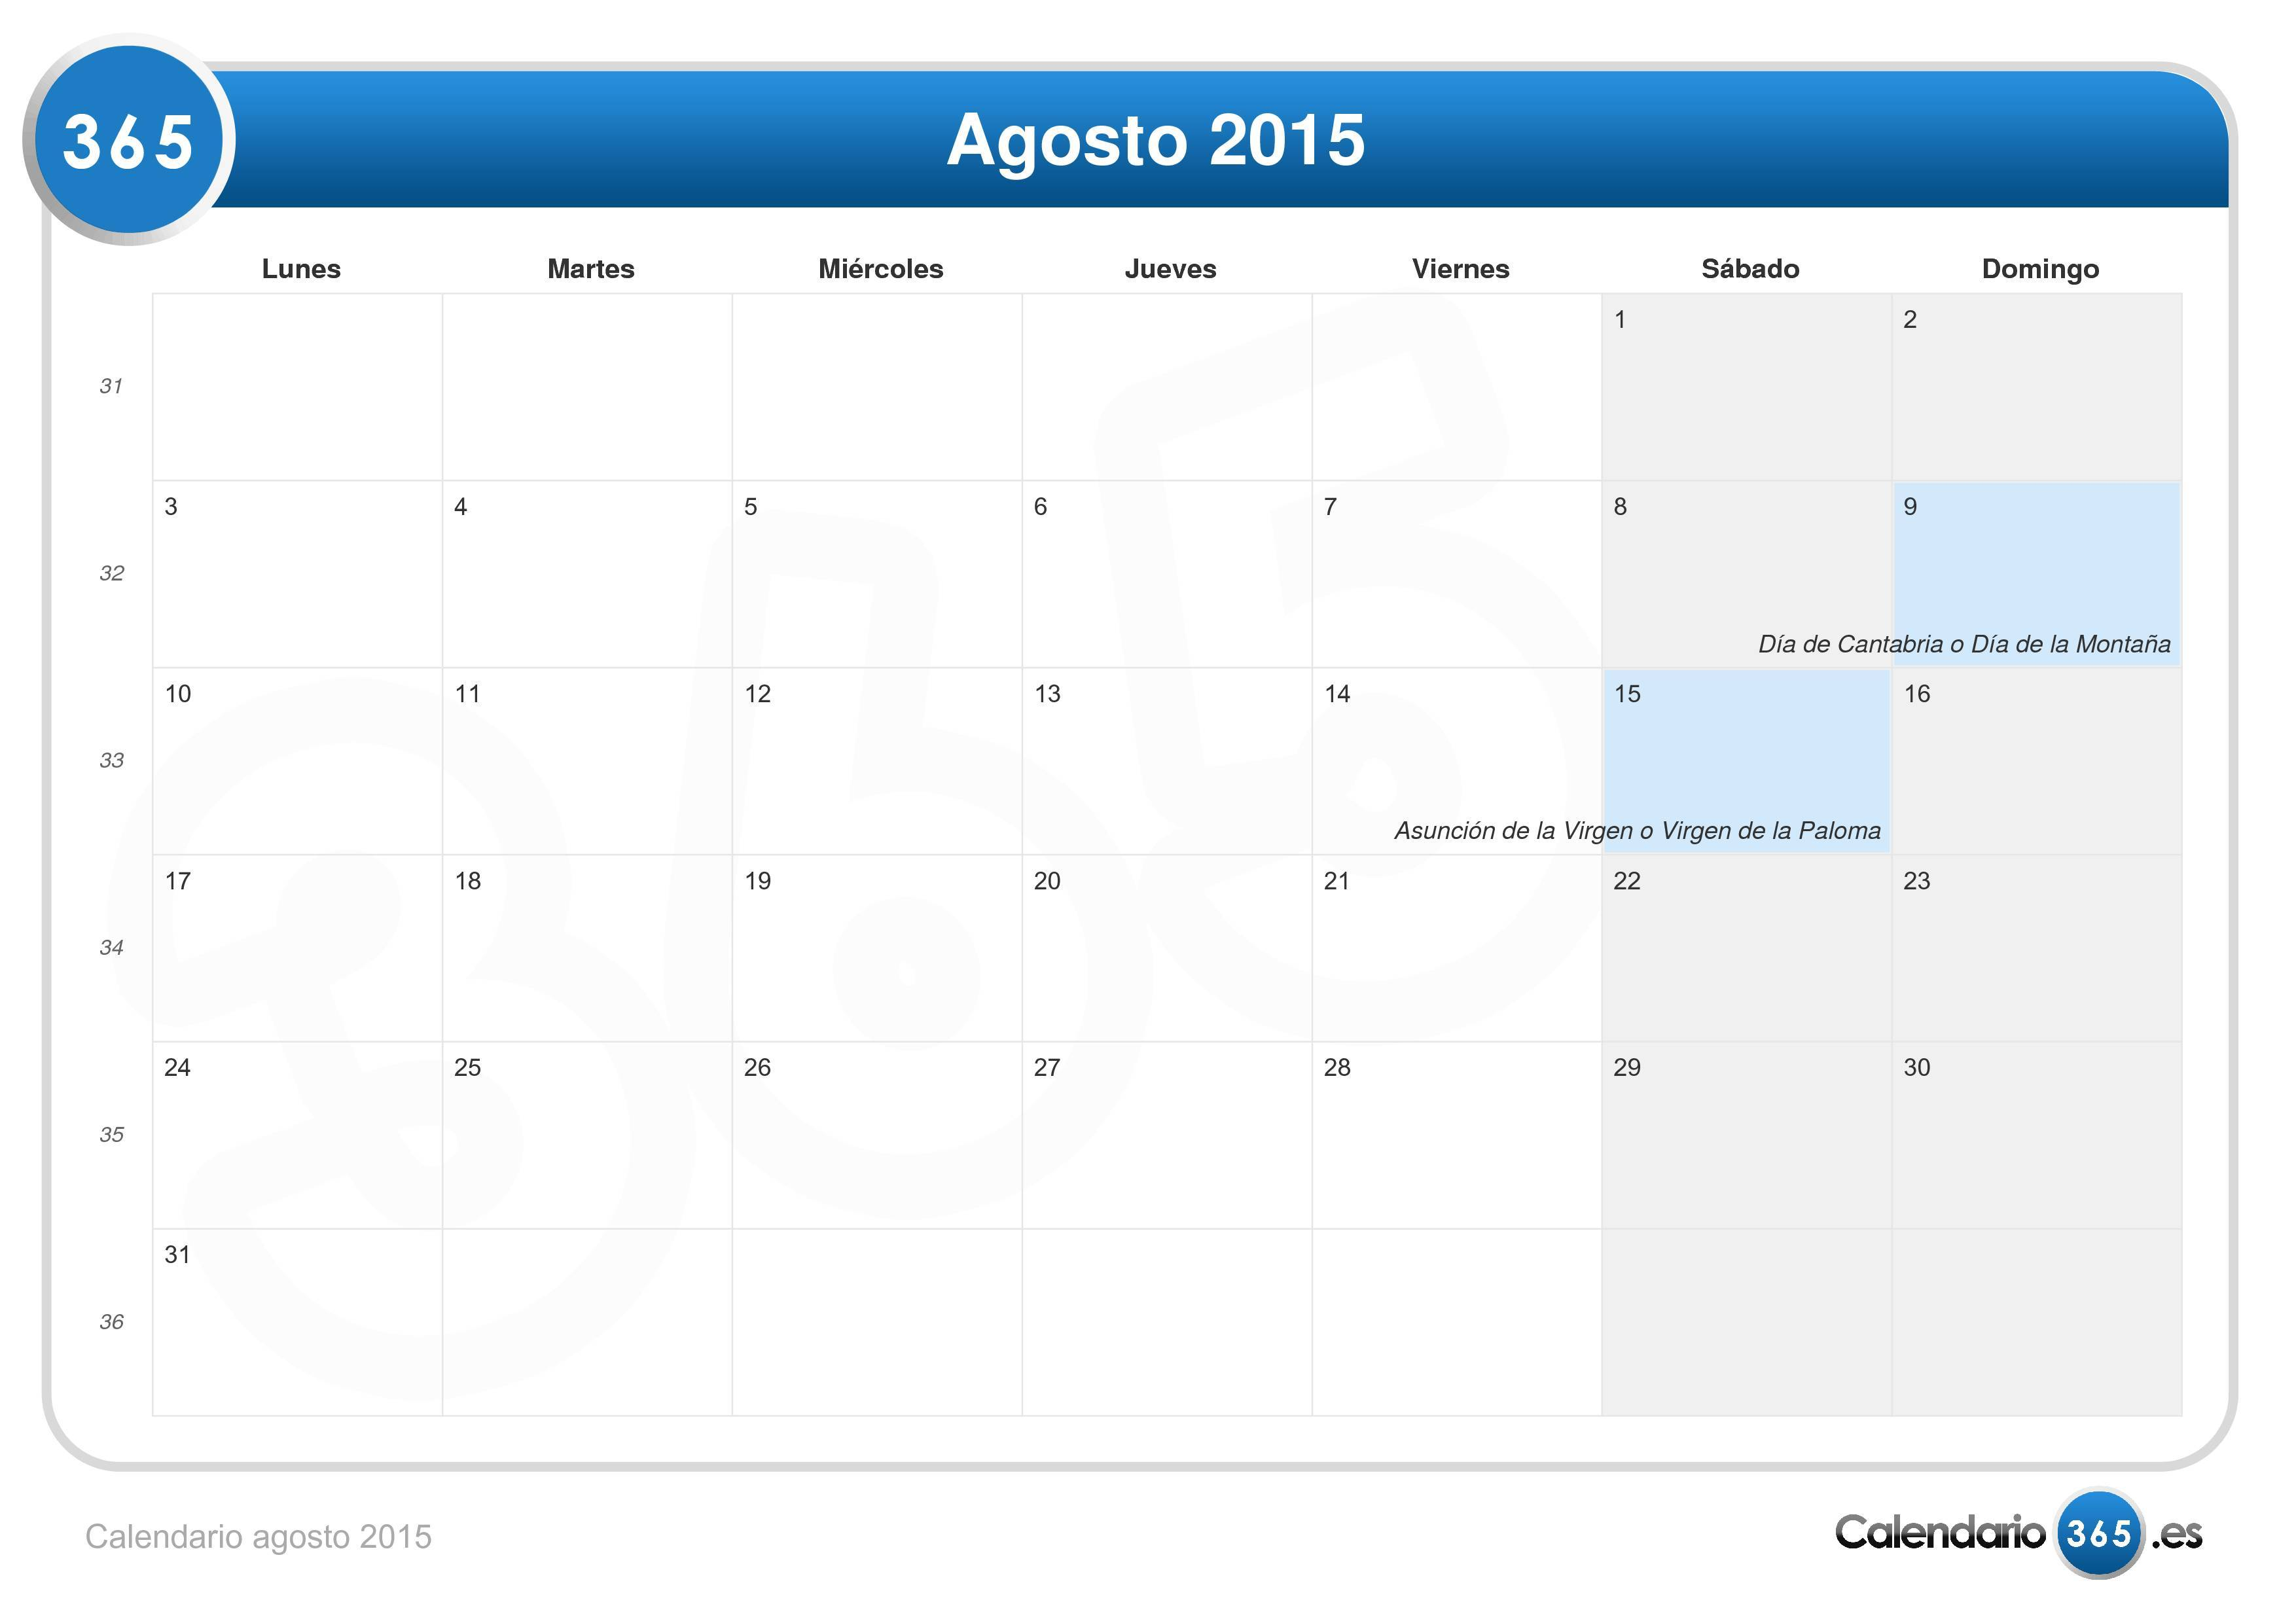 Calendario agosto 2015 for Calendario ferias